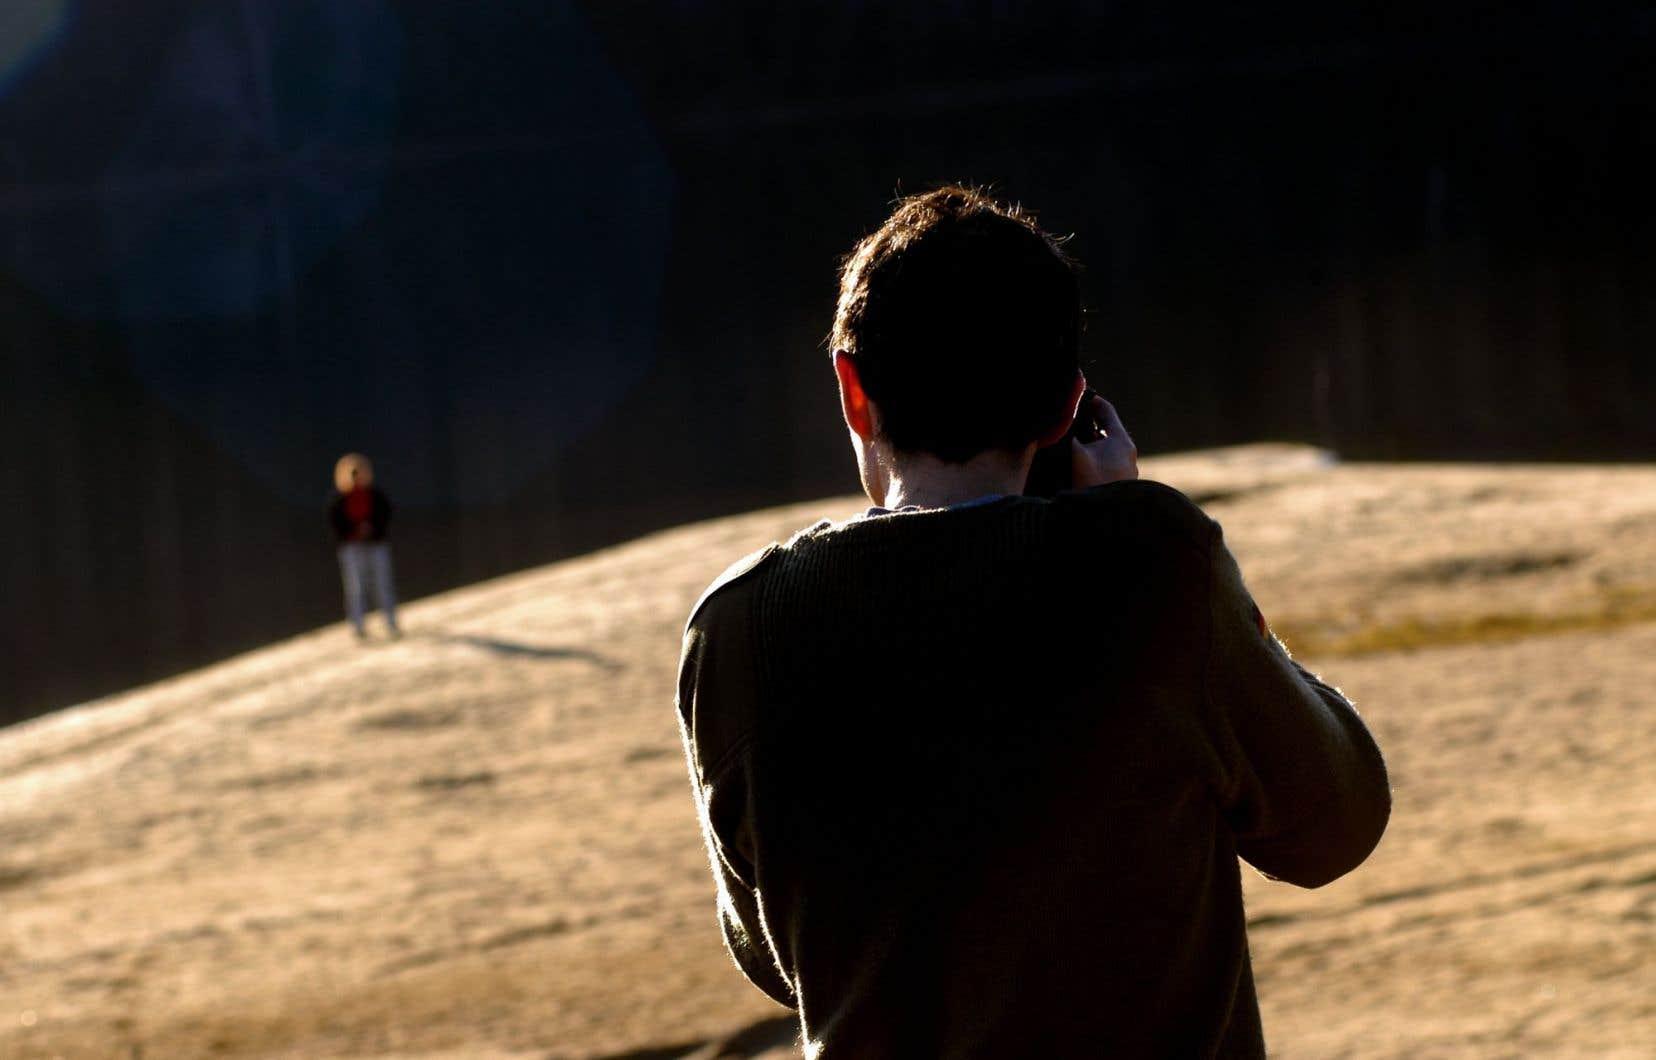 La majorité des personnes qui se suicident ont plus de 50 ans et le suicide touche deux fois plus d'hommes que de femmes, selon le rapport, le premier du genre.